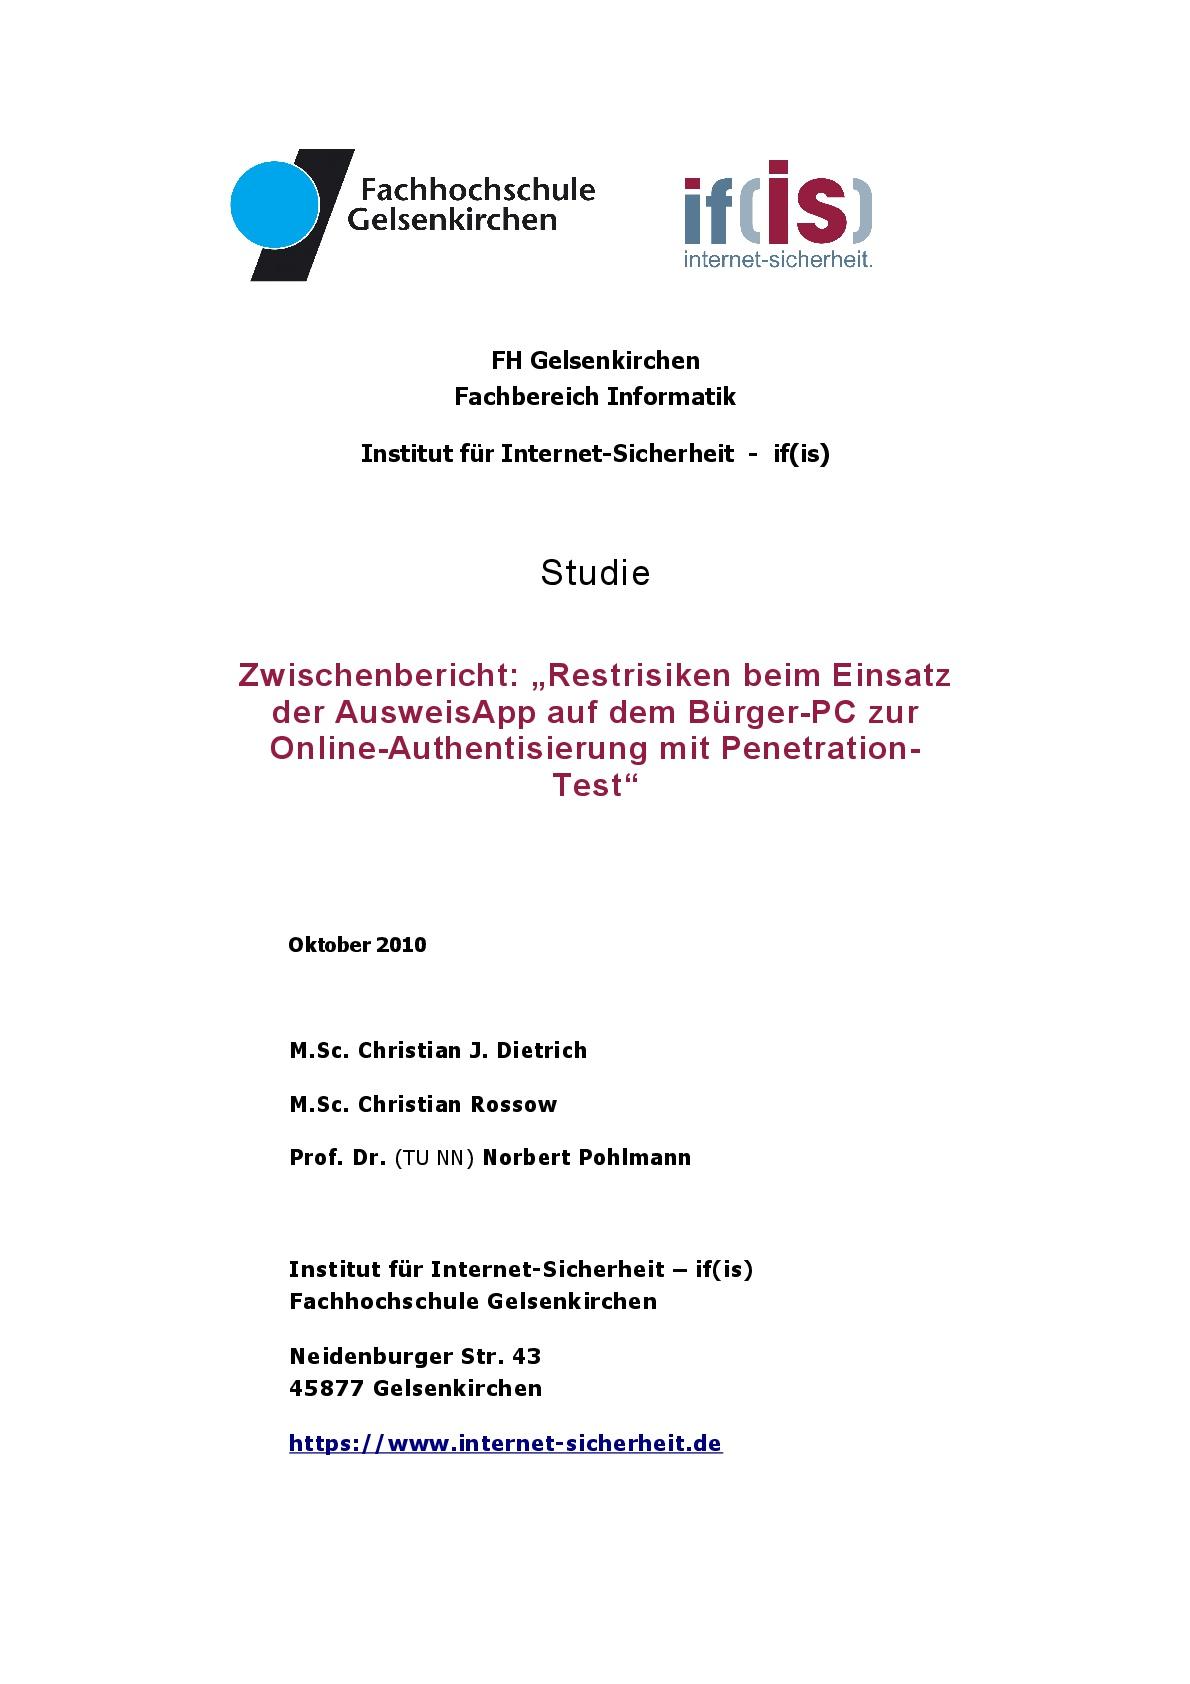 Studie - Restrisiken beim Einsatz der AusweisApp auf dem Bürger-PC zur Online-Authentisierung mit Penetration-Test - Prof. Norbert Pohlmann-1-1-001